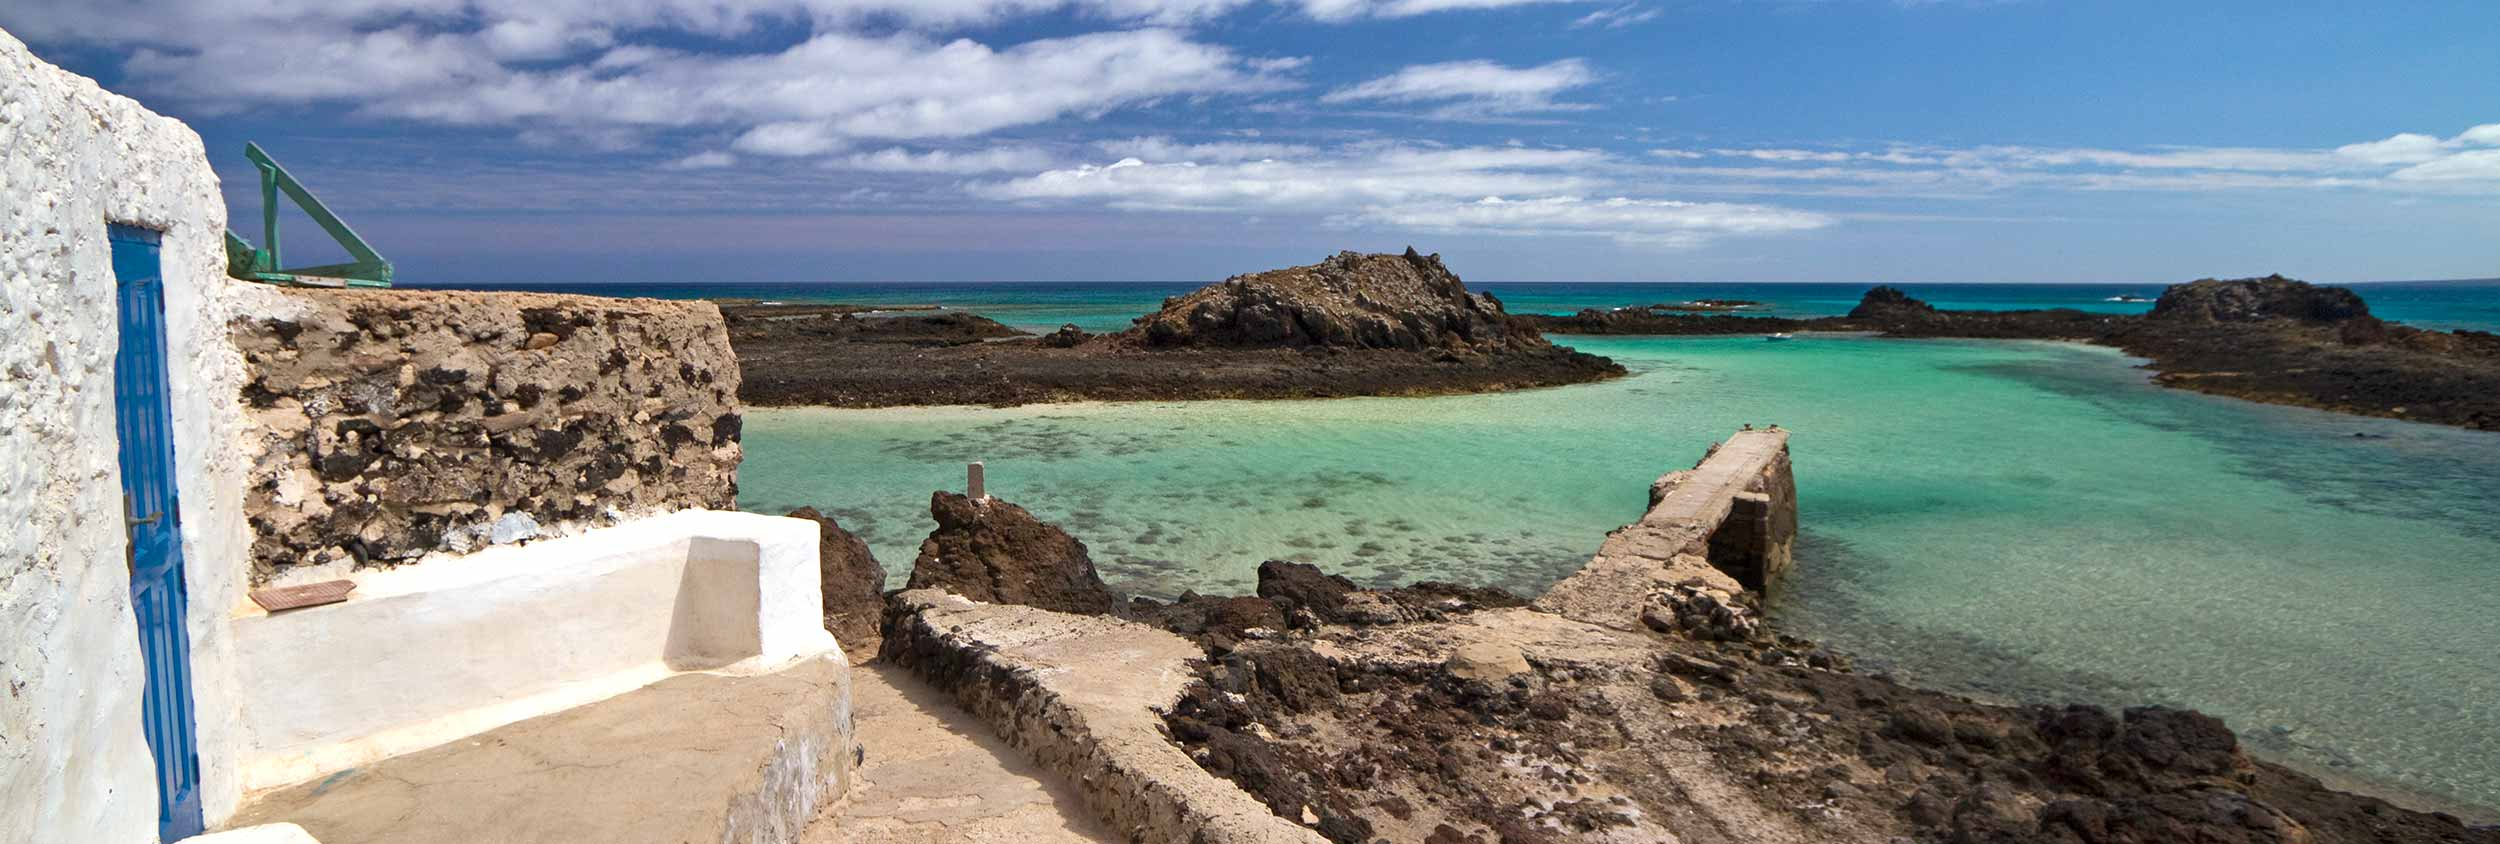 Flag Beach Fuerteventura Kiteworld travel